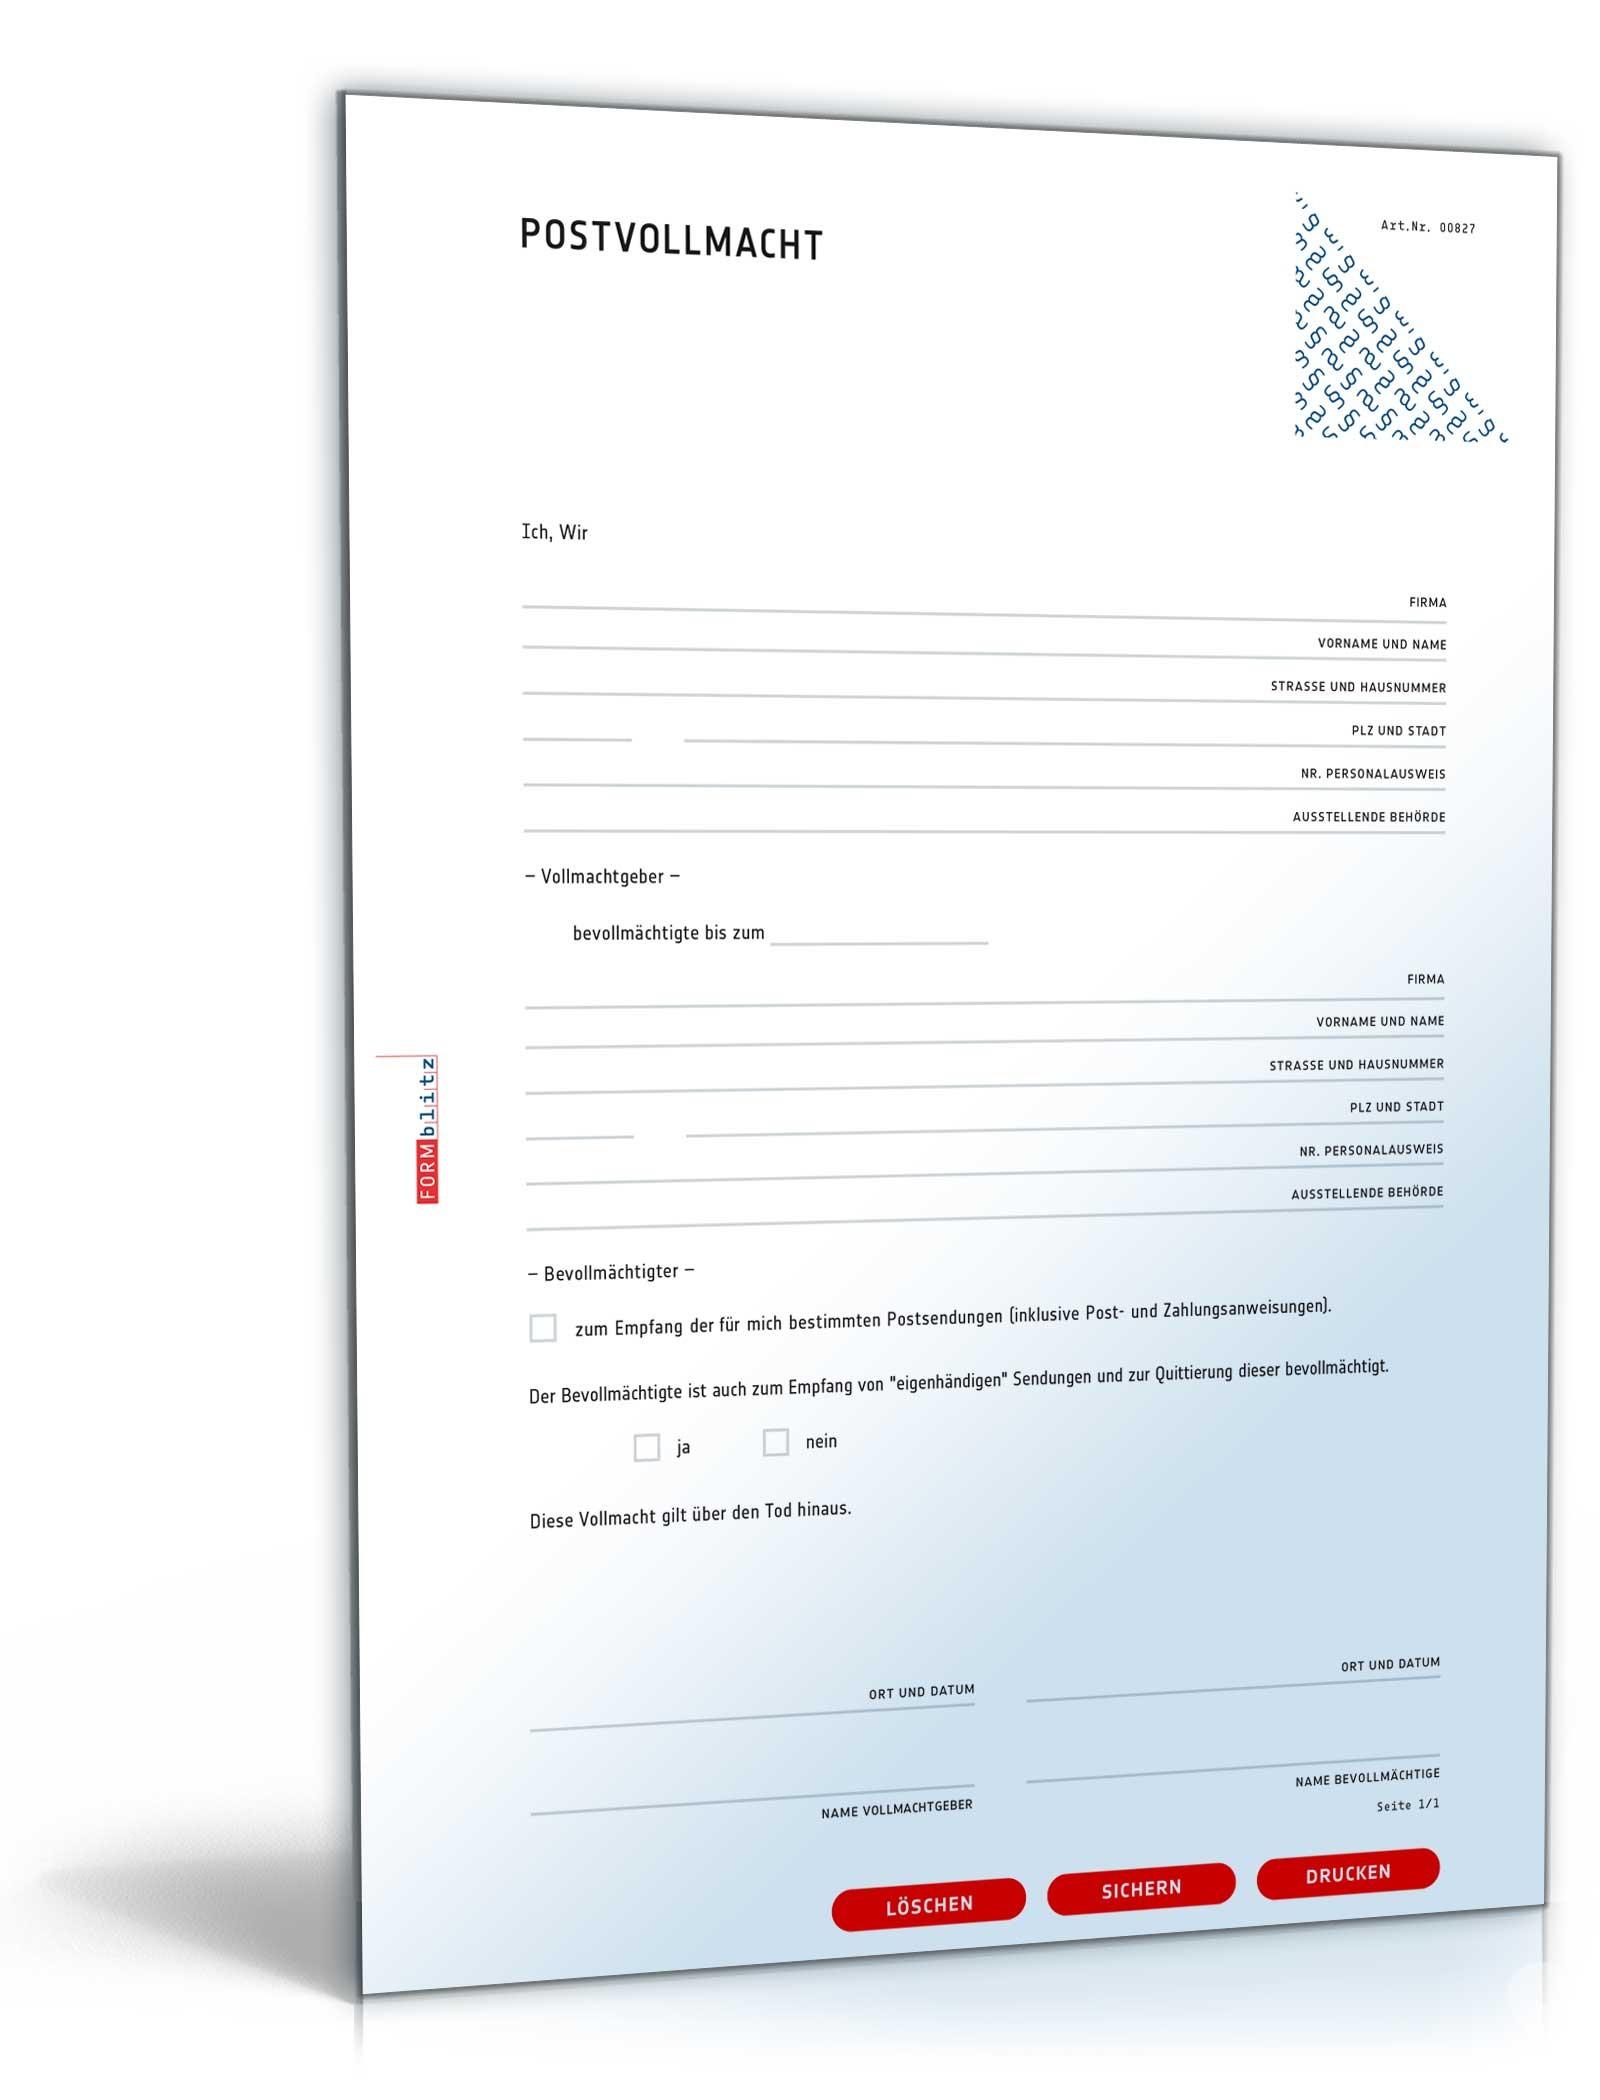 vollmacht paket 13 vollmachten als pdf word zum download. Black Bedroom Furniture Sets. Home Design Ideas